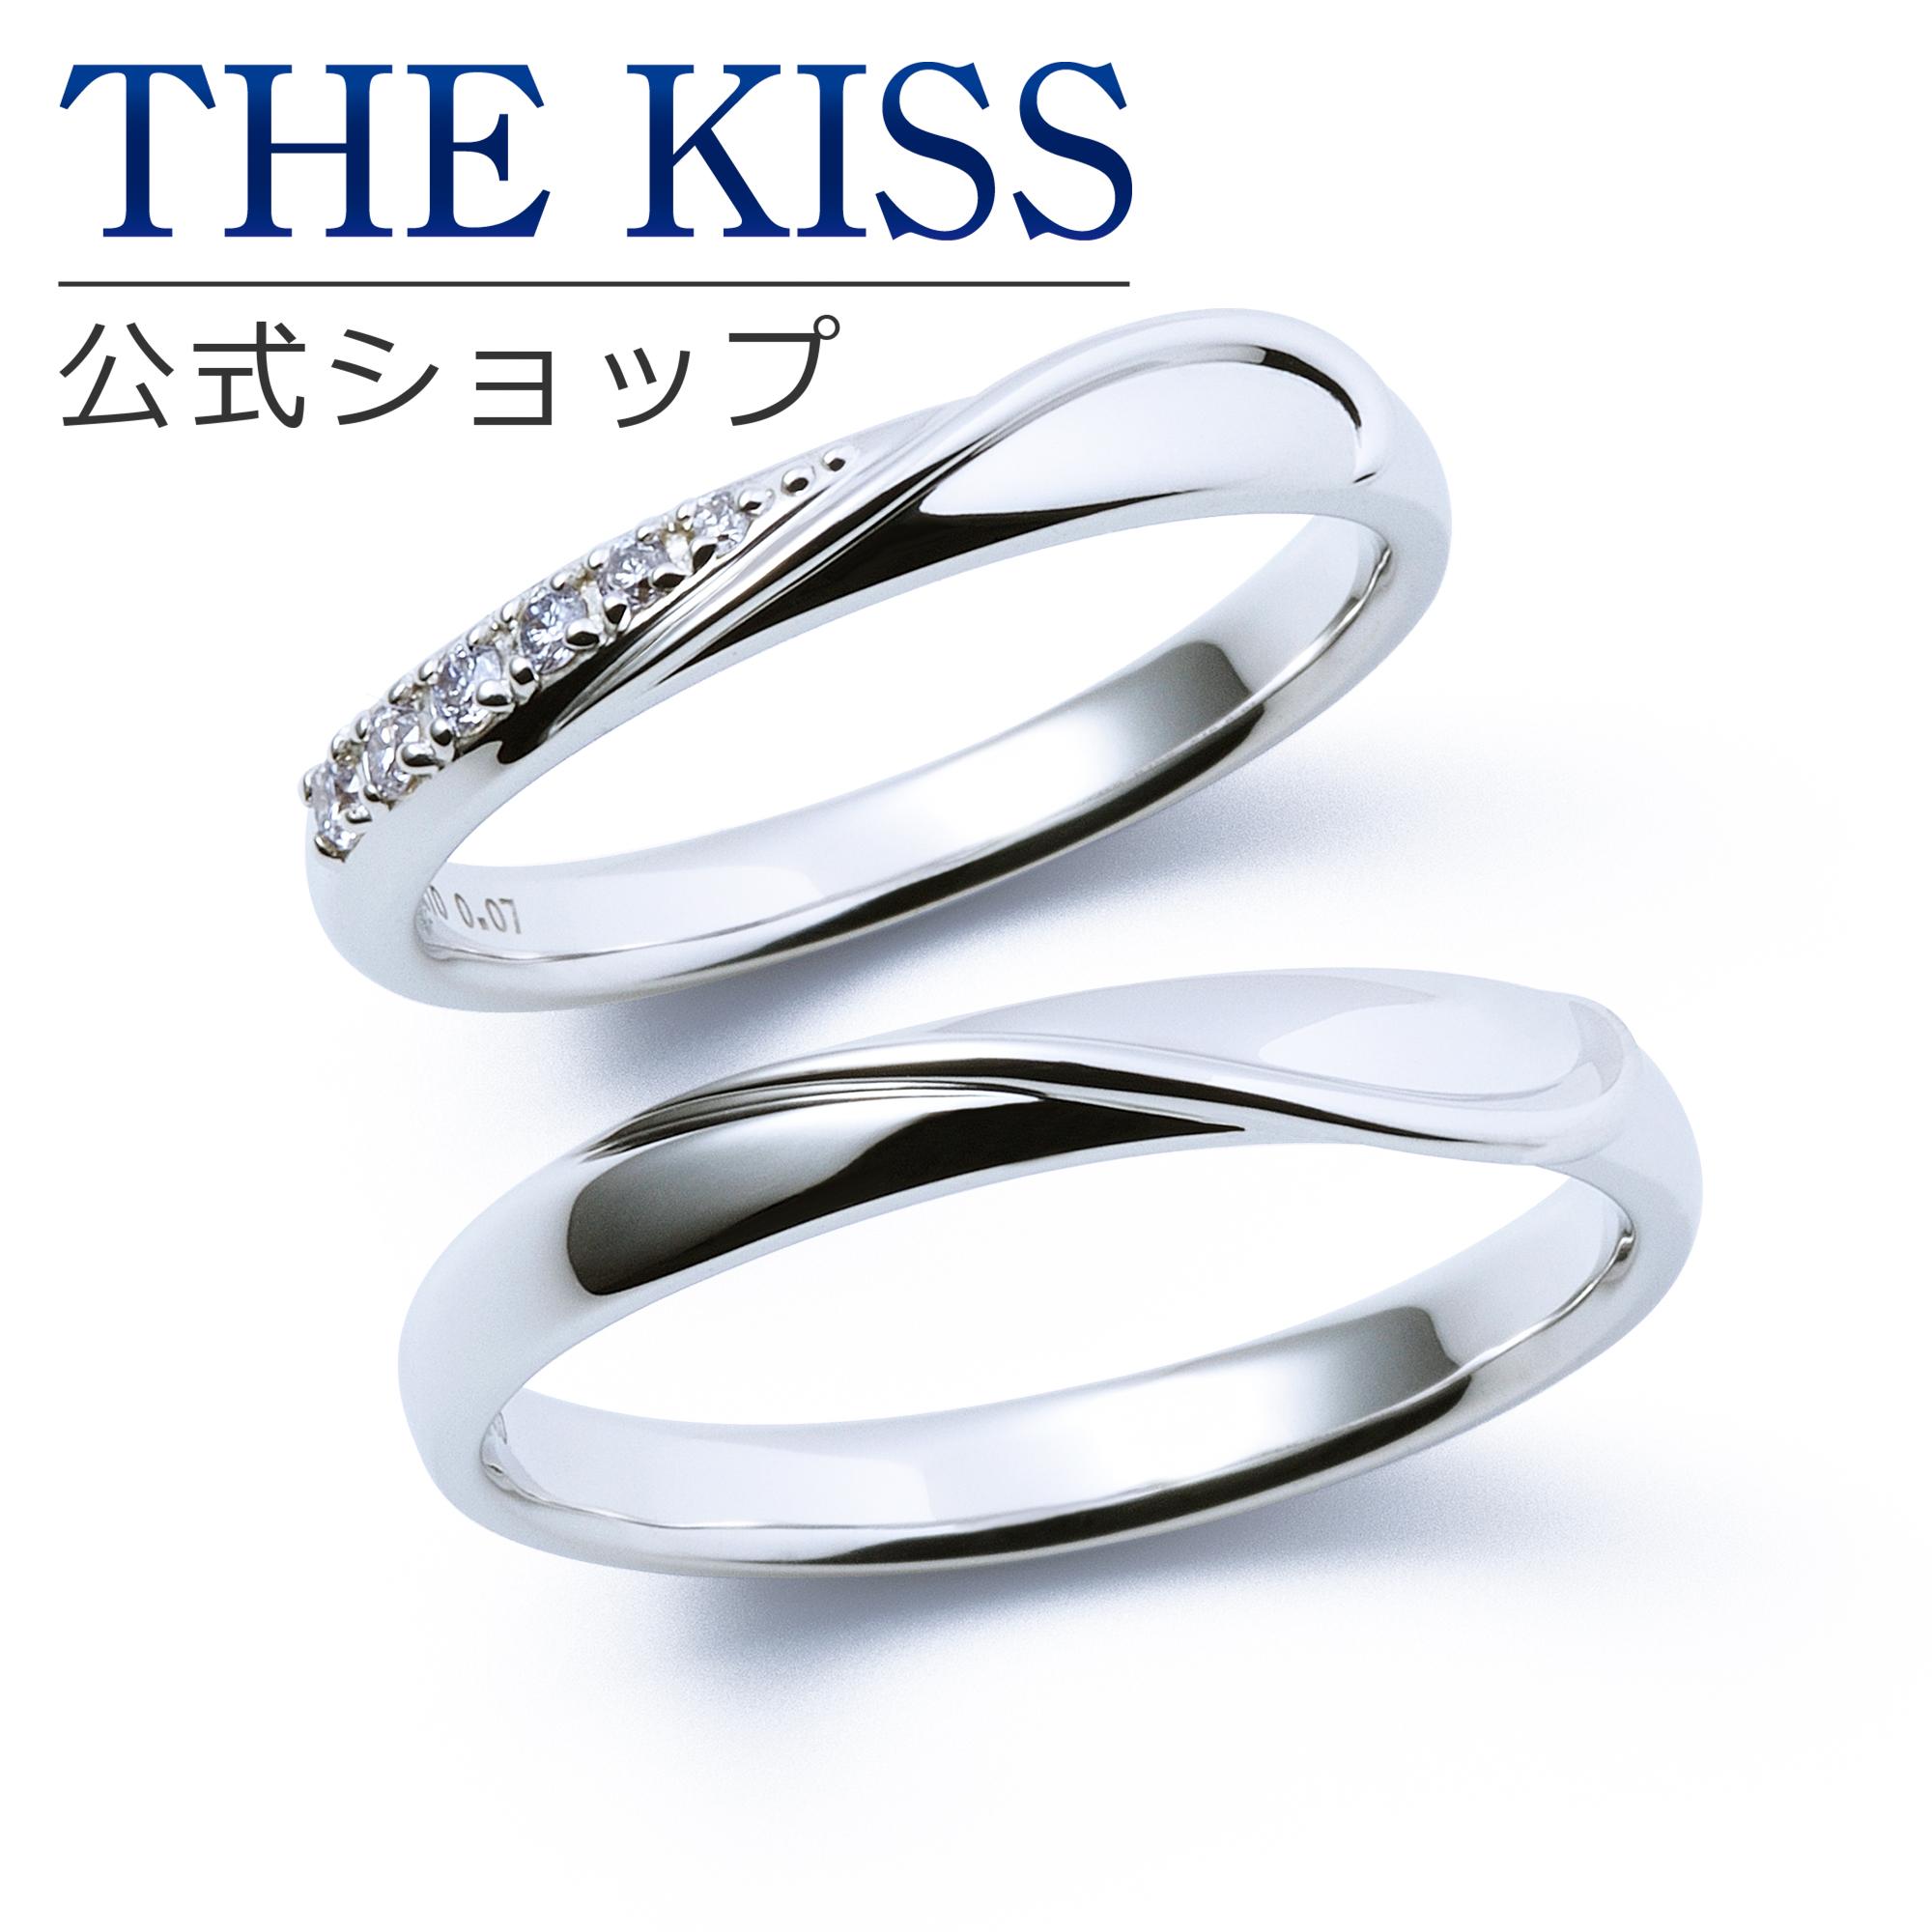 マリッジリング SALE開催中 結婚指輪 ペアリング 指輪 THEKISS ザキス ペアアクセサリー 記念日 誕生日 プレゼント 毎日がバーゲンセール 刻印可_7文字 THE KISS 送料無料 マリッジ ザキッス ホワイトゴールド シンプル K10 2個セット Anniversary 男性 セット 7621122011-7621122012 リング 女性